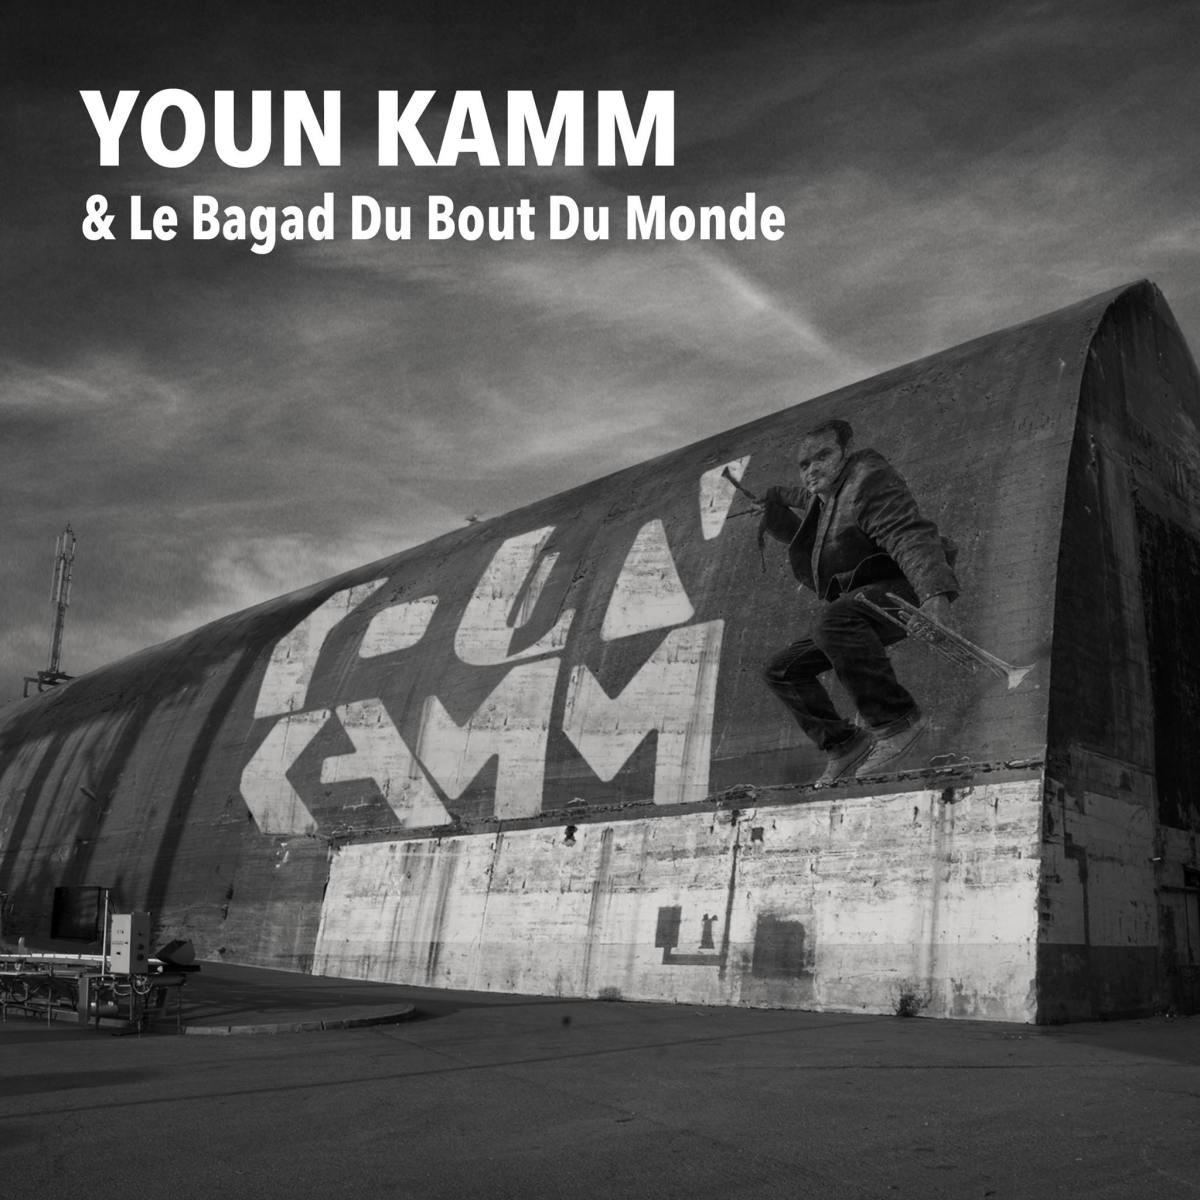 """Découvrez """"Ar Vosenn"""", un extrait surprenant et saisissant du futur album de Youn Kamm & Le bagad Du bout Du Monde"""